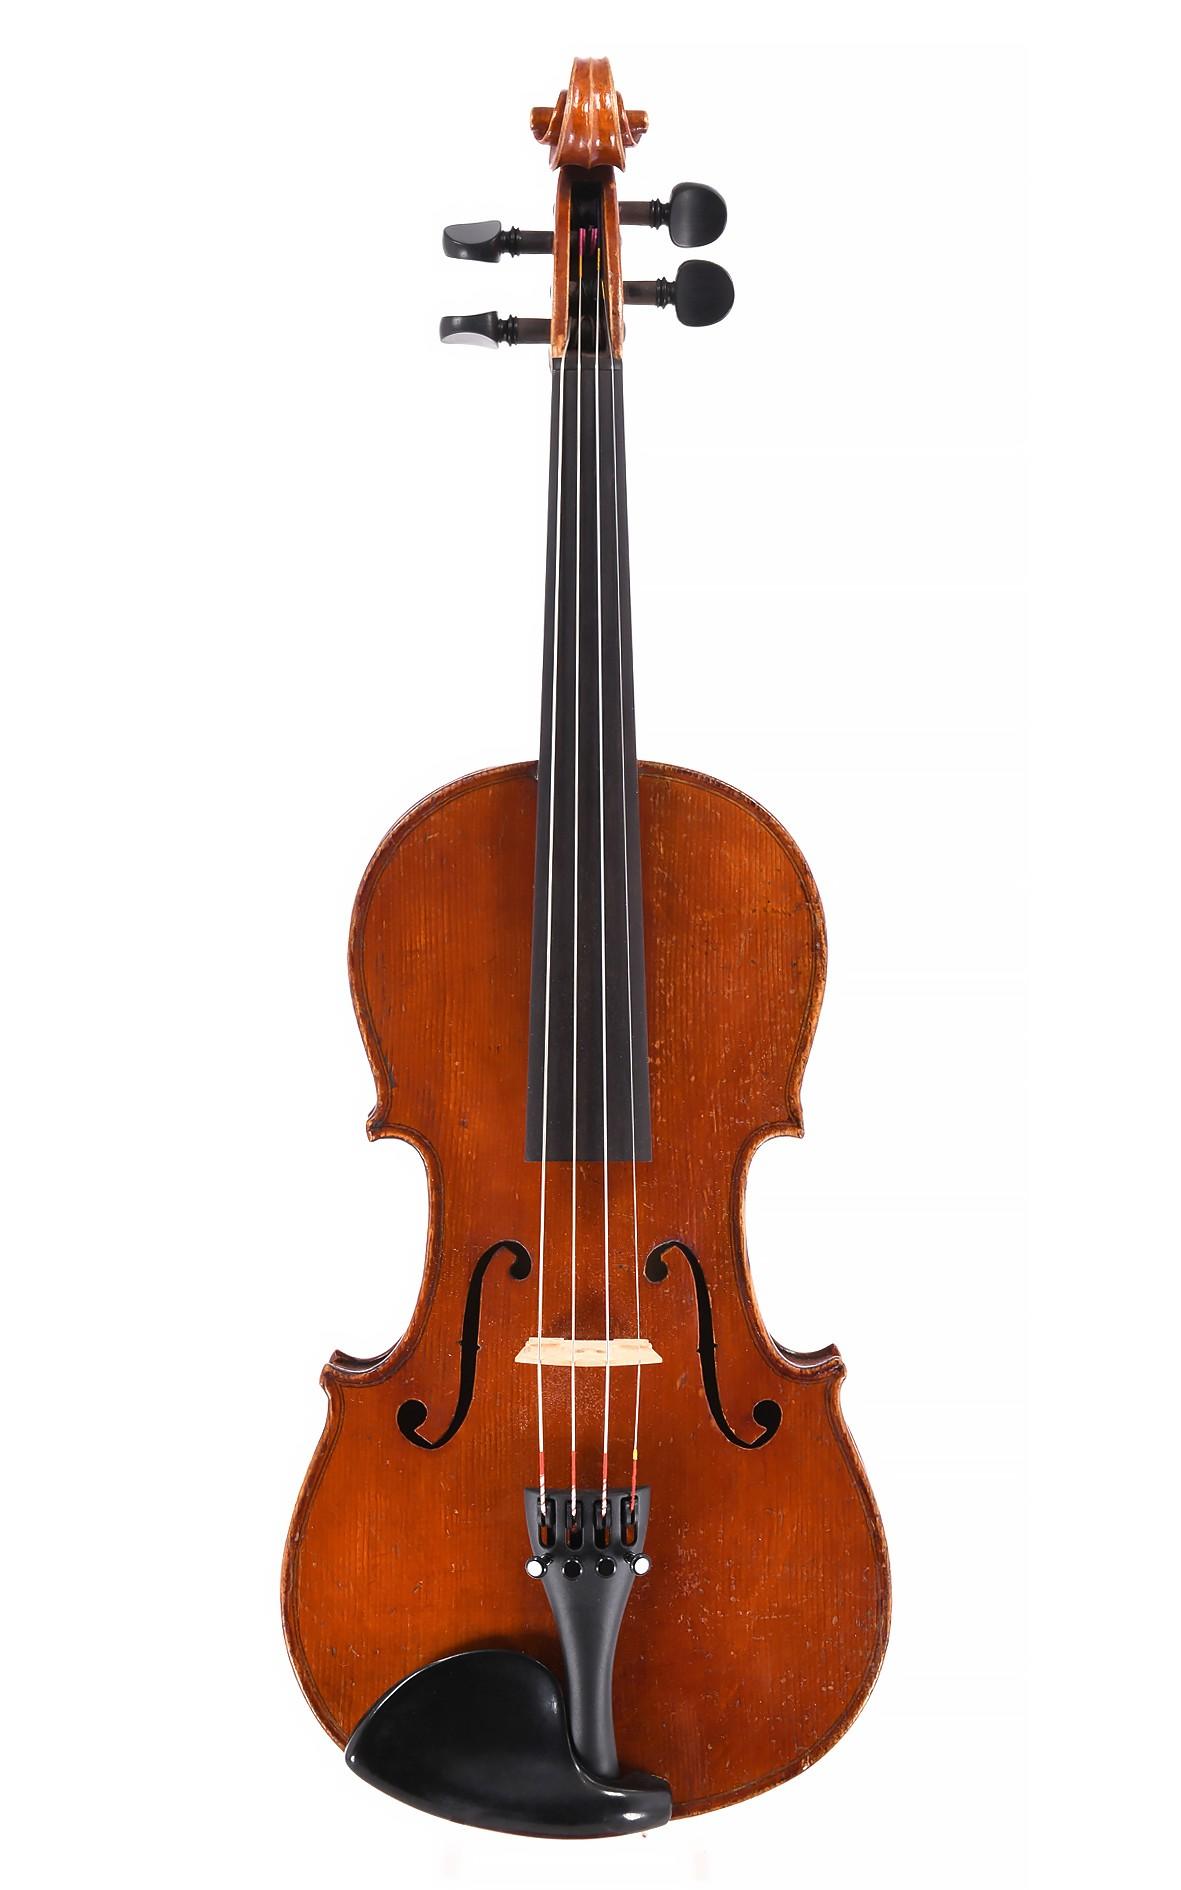 Mittenwalder 3/4 Geige von Neuner & Hornsteiner um 1870